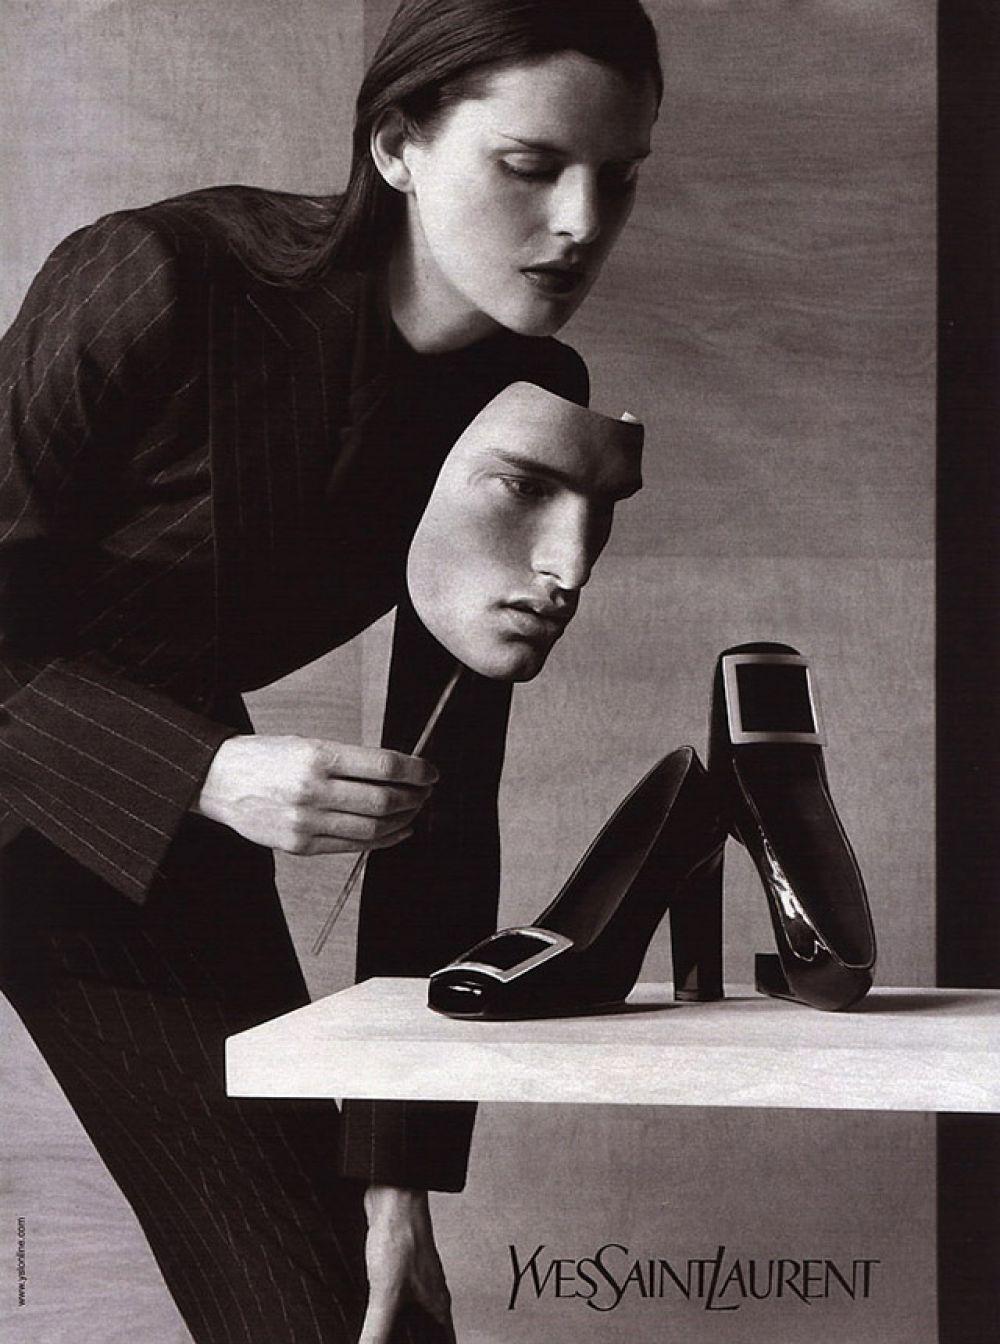 Новаторские идеи модельера коснулись не только женской одежды, но и обуви. Благодаря его легкой руке вошли в моду лодочки на низком каблуке с квадратным носом и металлической пряжкой.